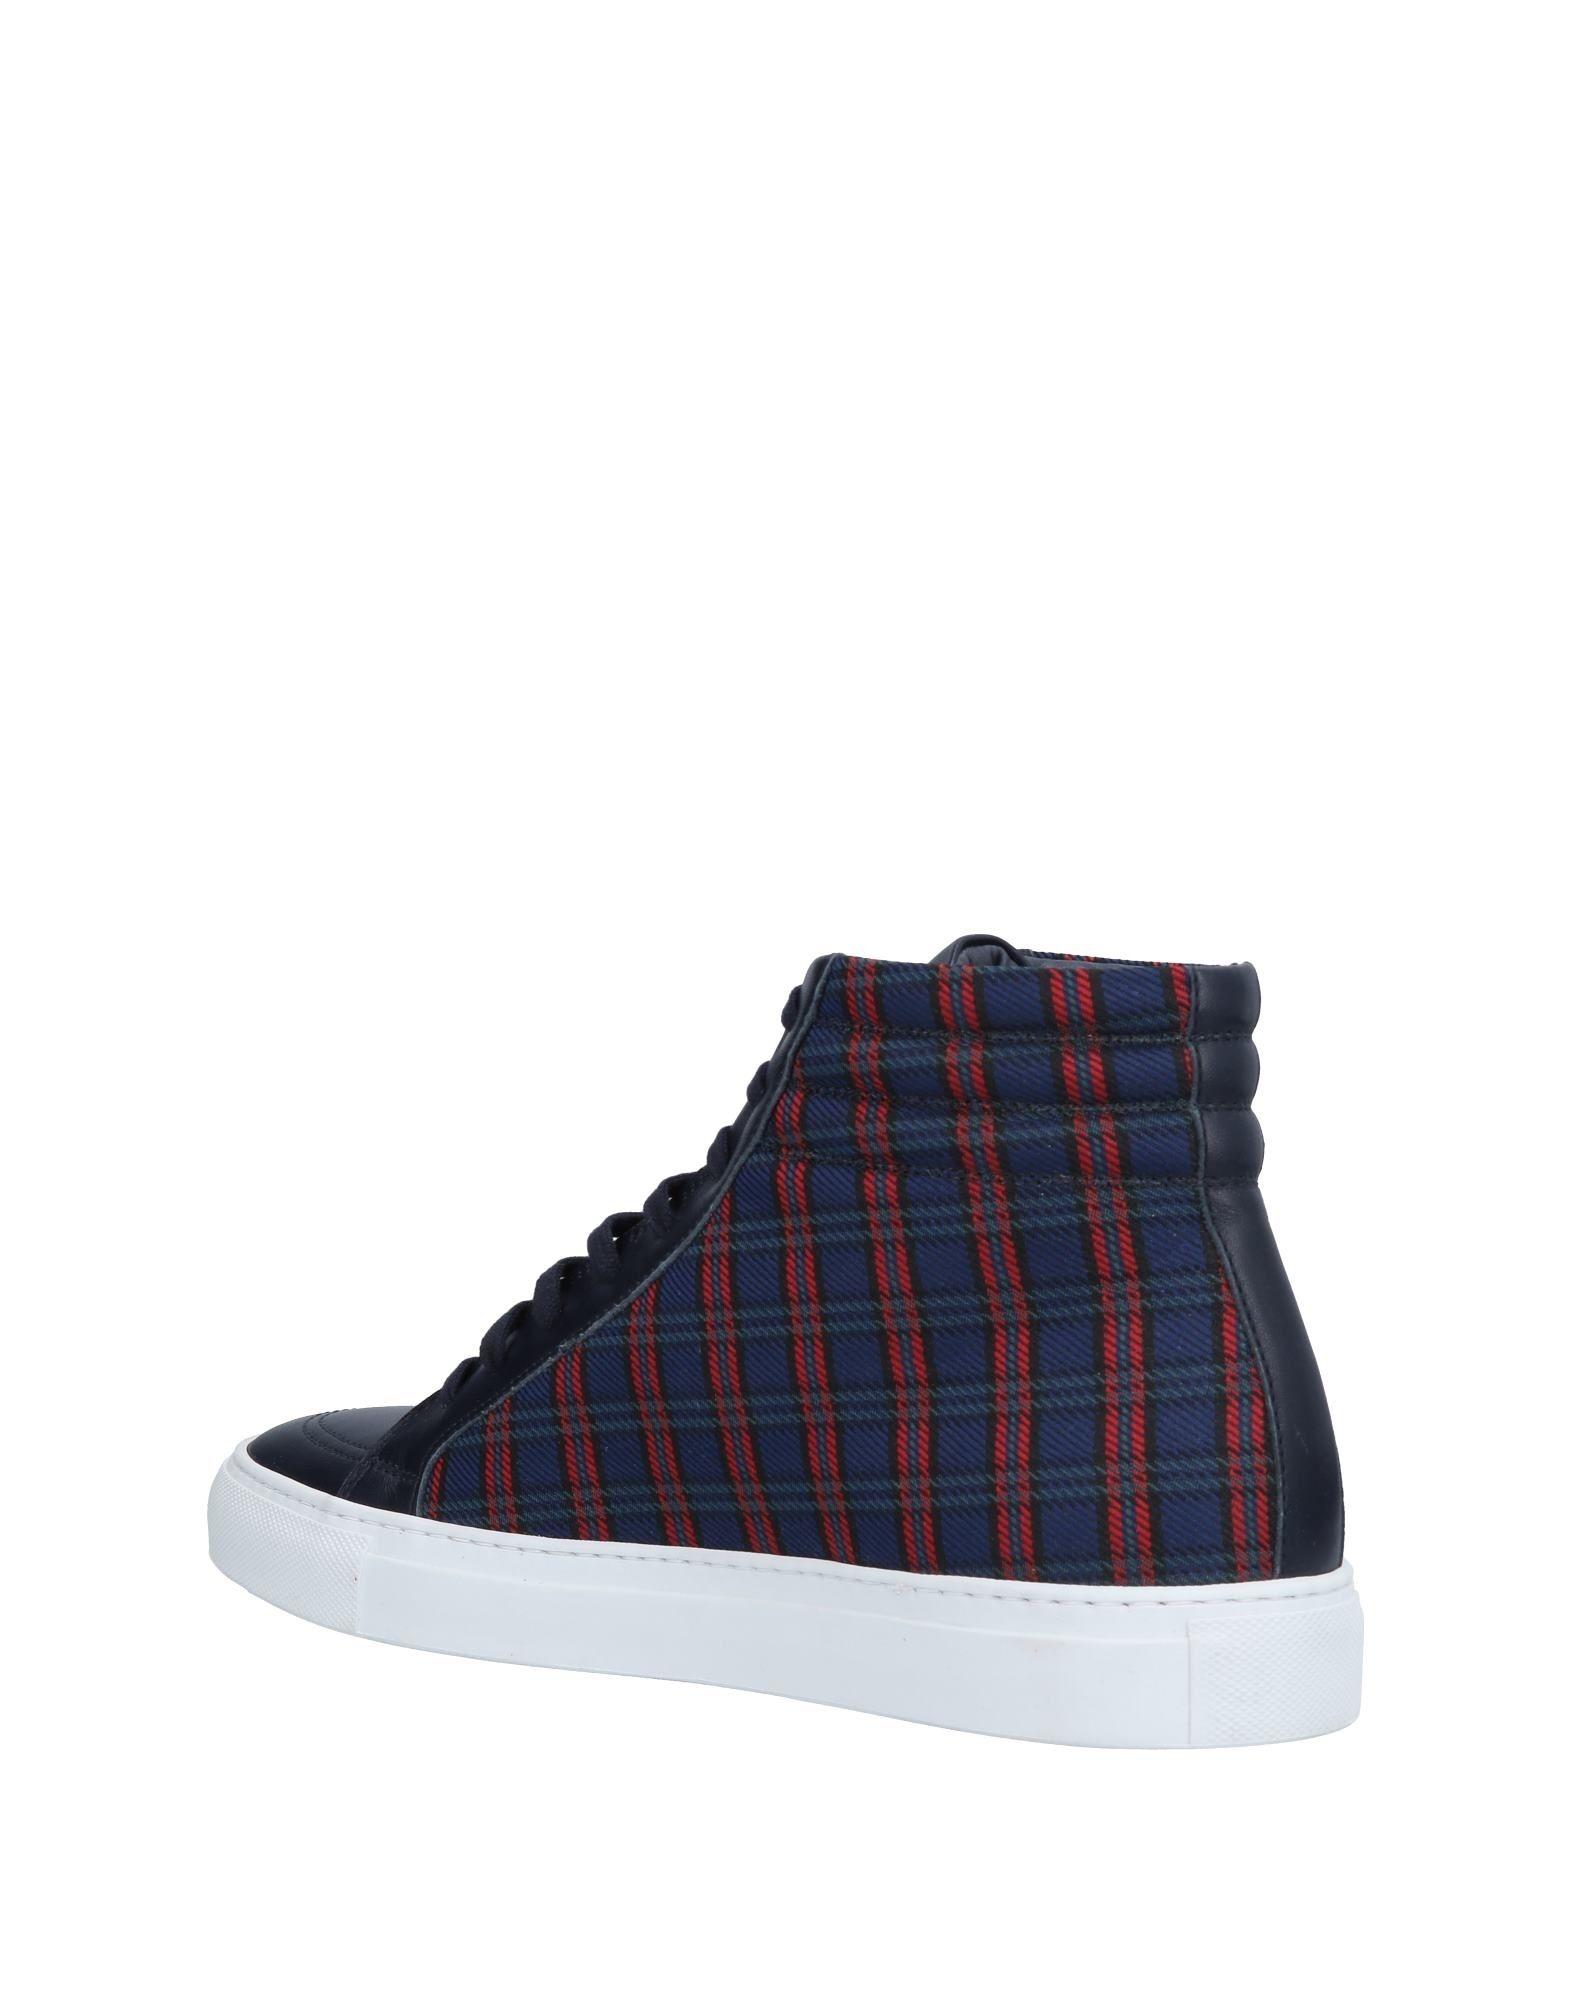 Joshua*S Sneakers Herren  11500177JH Gute Qualität beliebte Schuhe